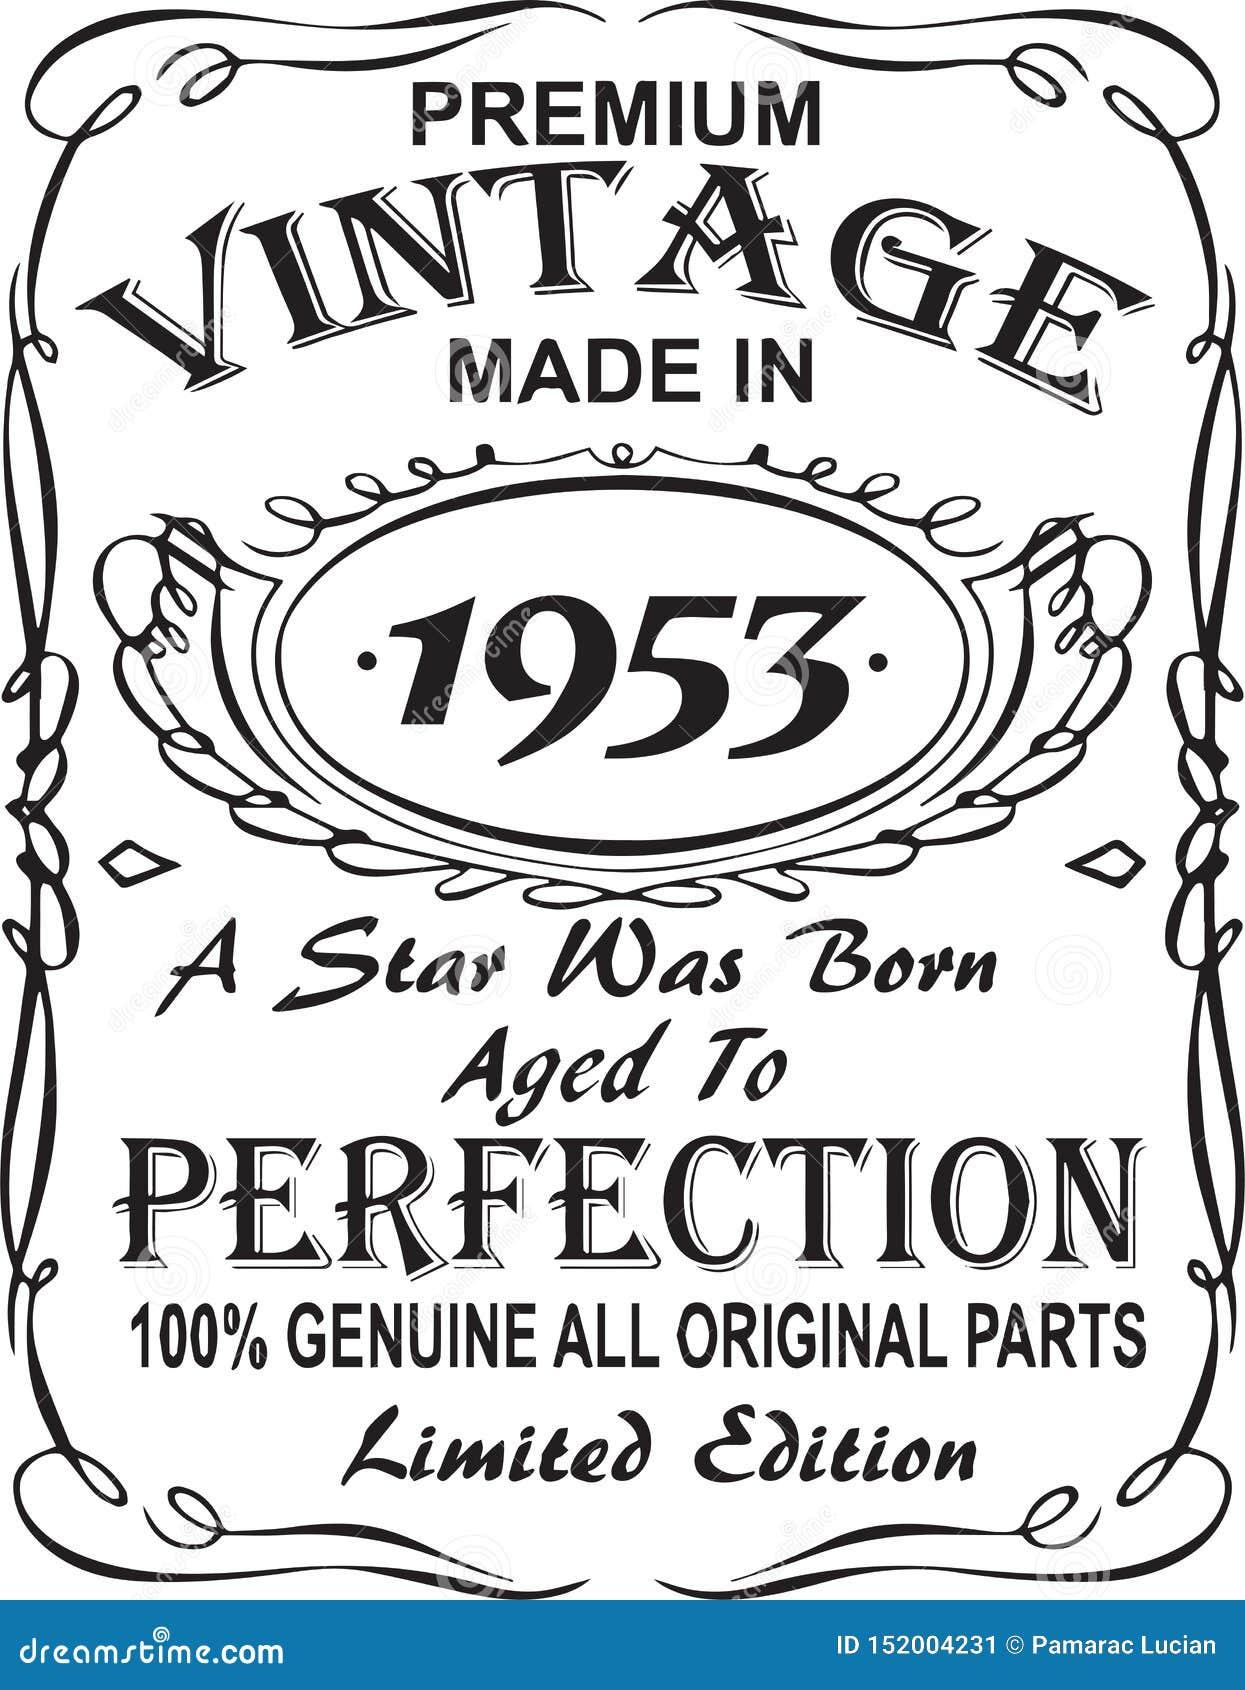 矢量T恤杉印刷品设计 优质葡萄酒在星出生的1953年做的变老了对完美100 真正所有原始的零件林